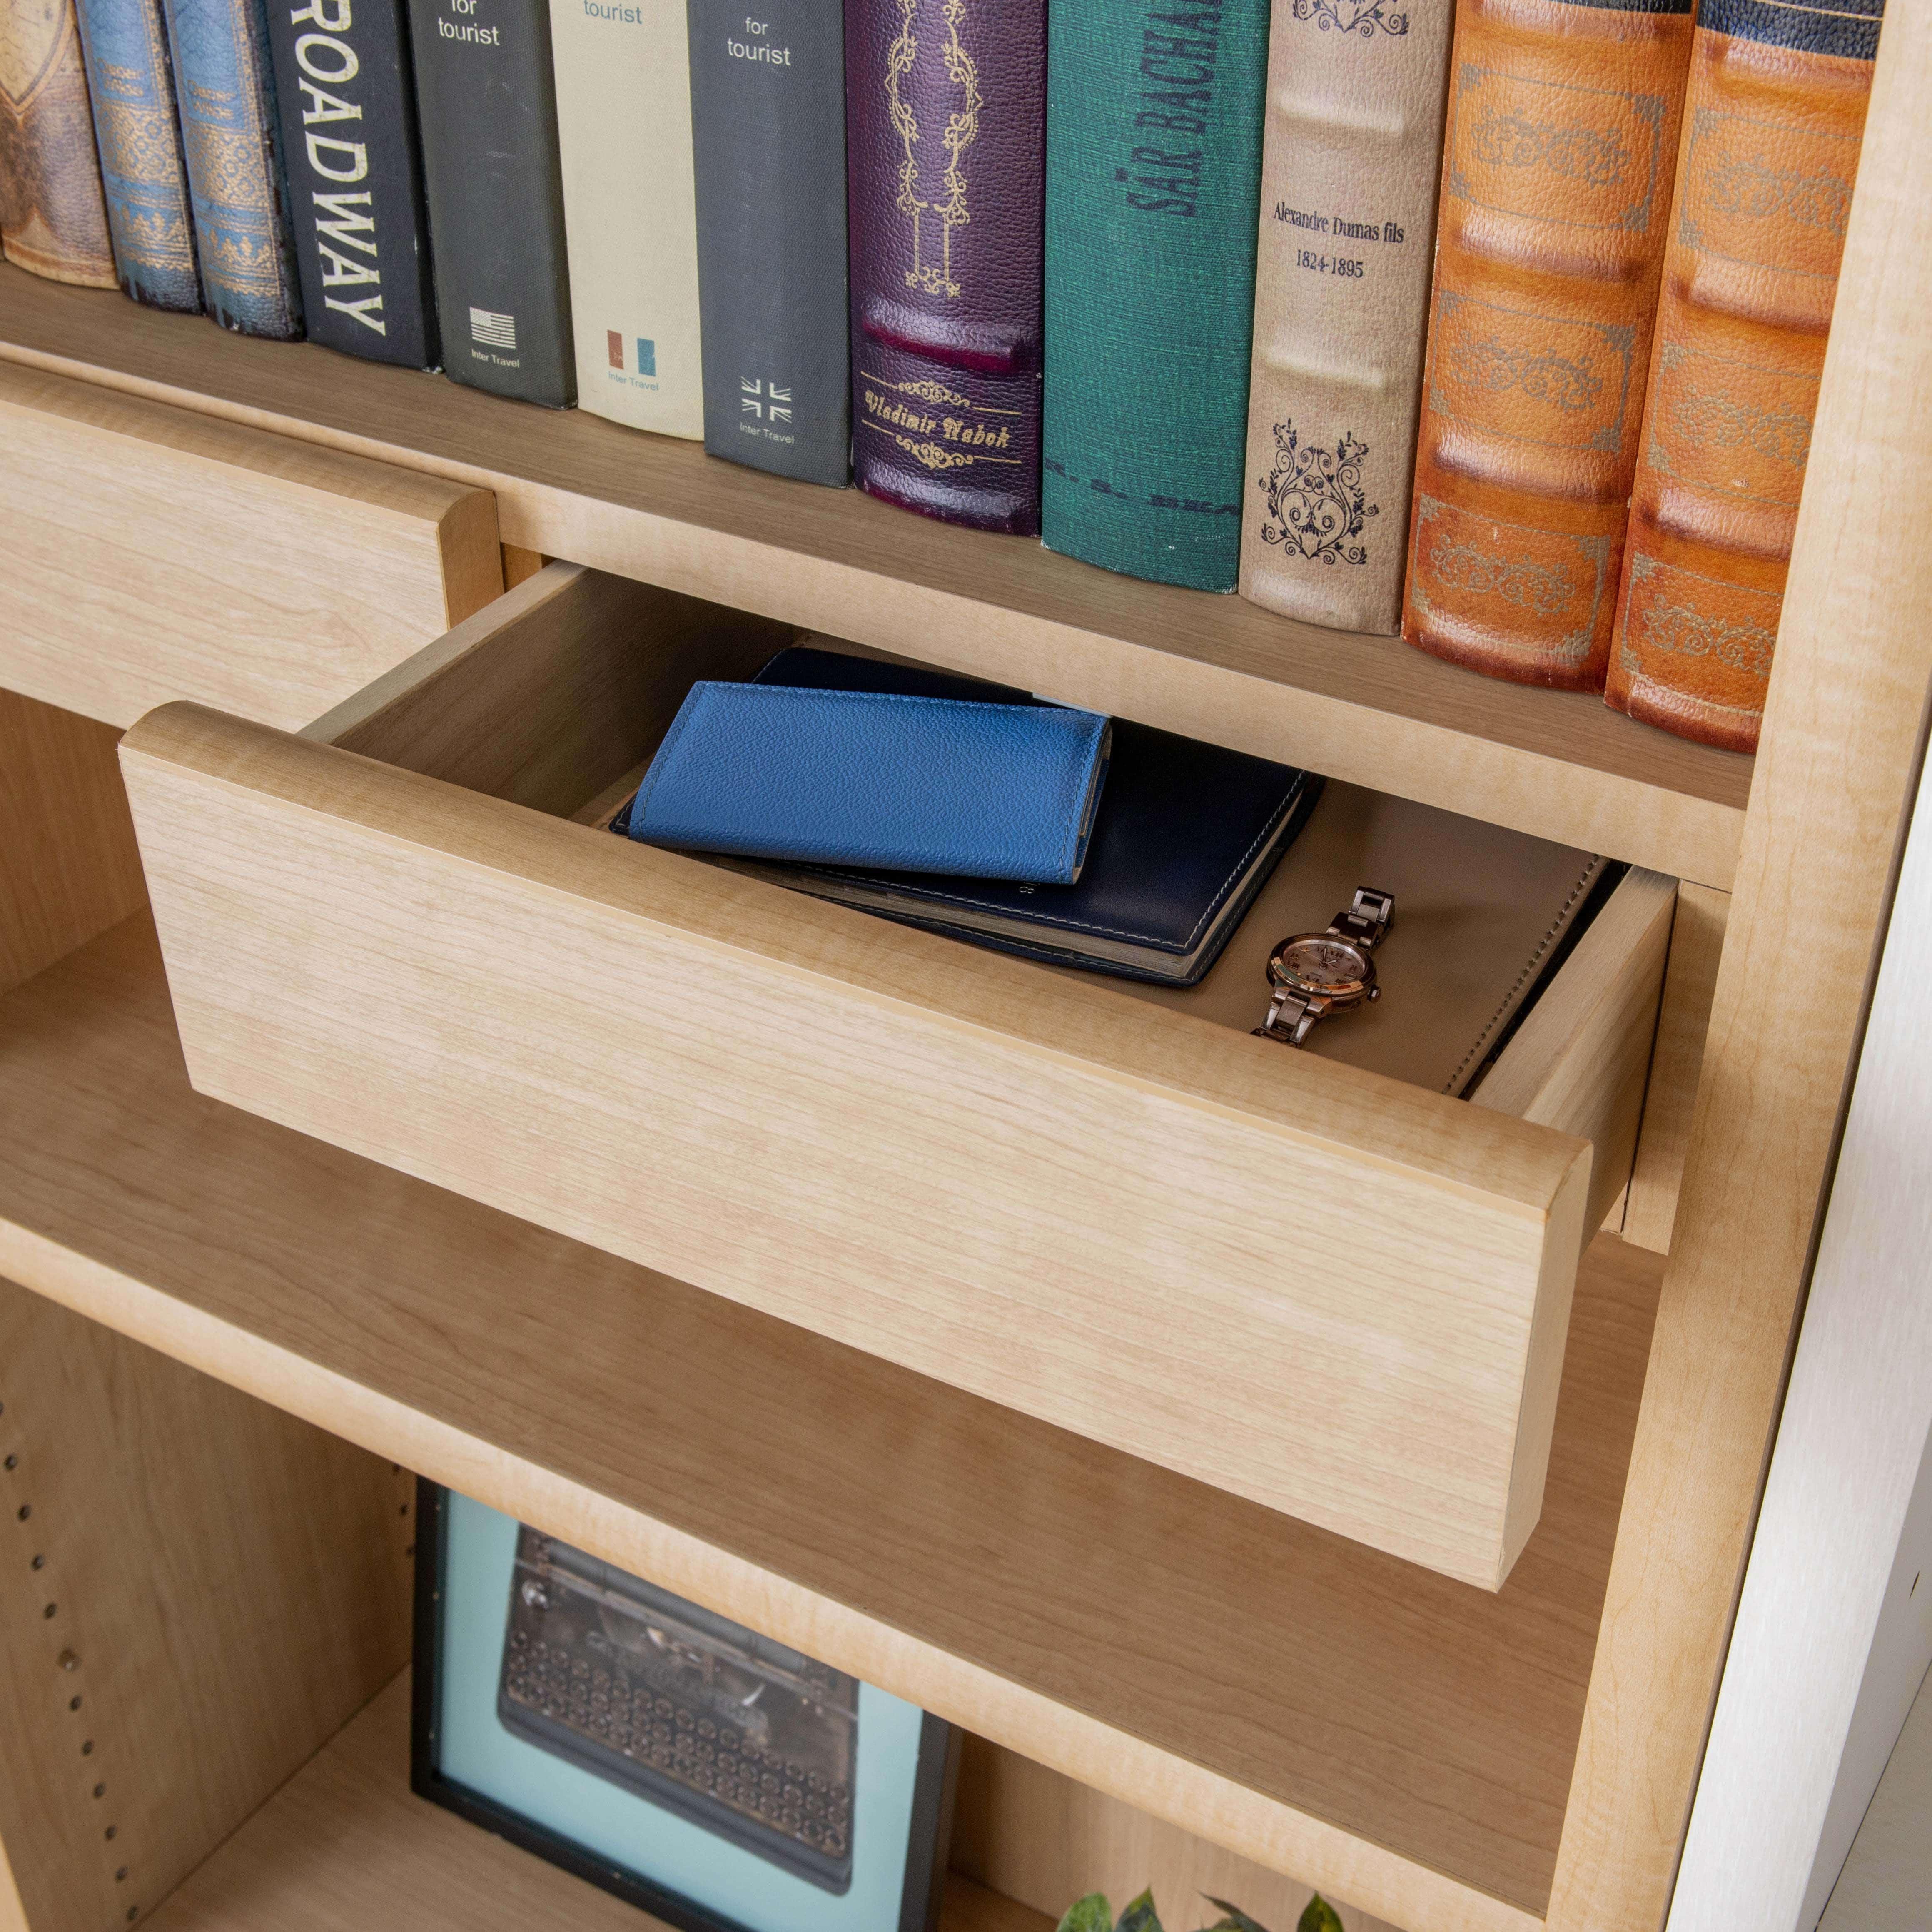 小島工芸 書棚 アコード90H(チェリーナチュラル):収納の幅を広げるオプション引き出し